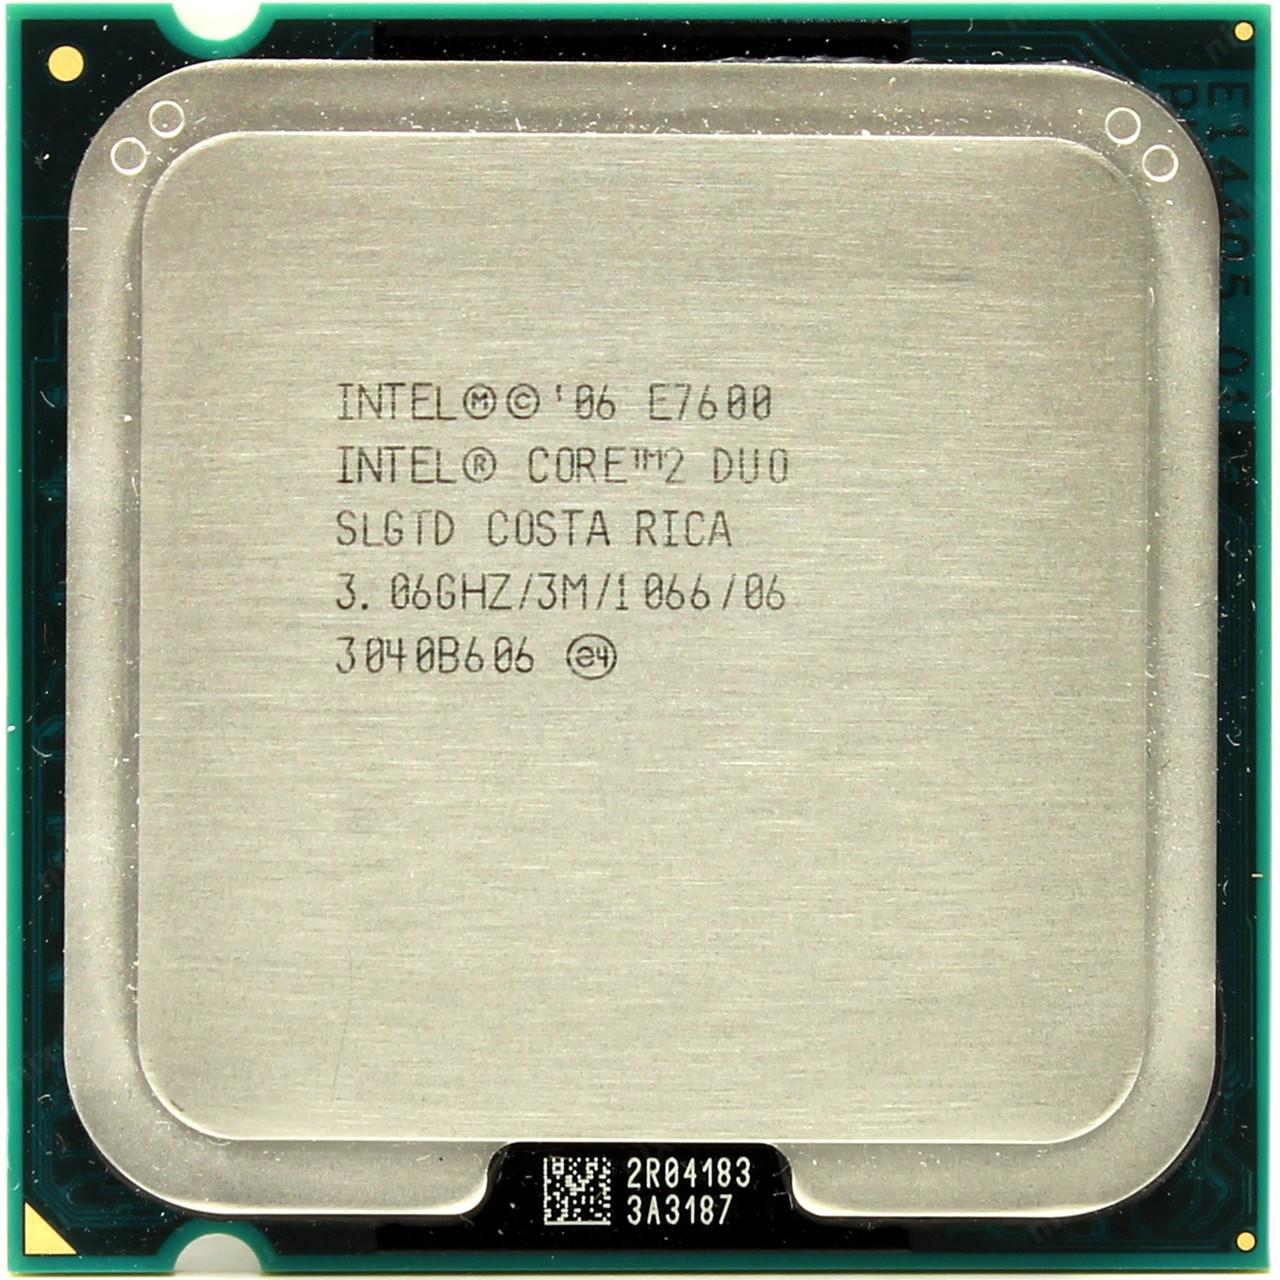 Процессор Intel Core 2 Duo E7600 3.06GHz/3M/1066 (SLGTD) s775, tray